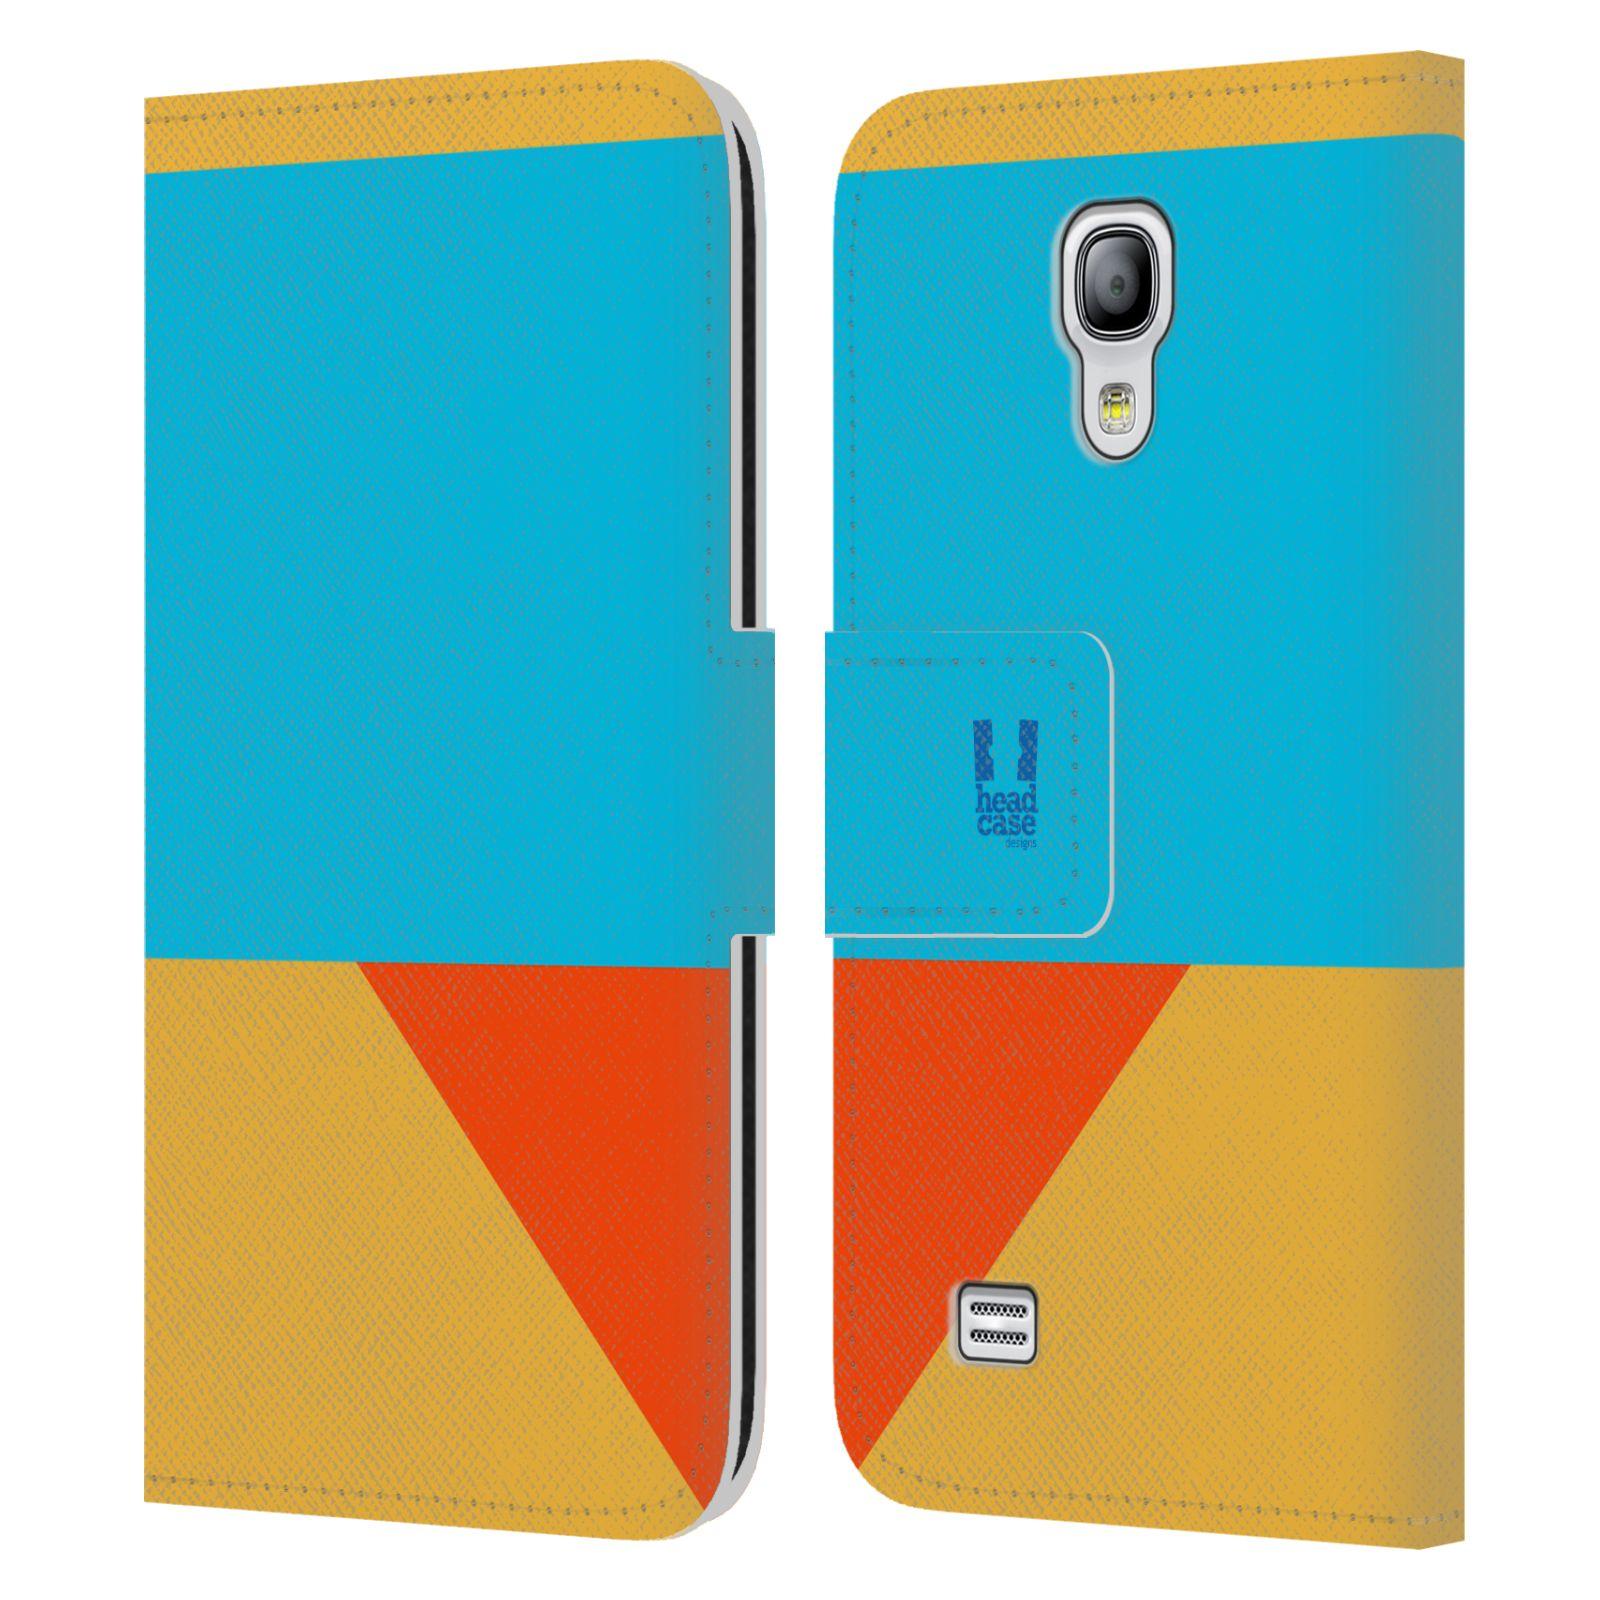 HEAD CASE Flipové pouzdro pro mobil Samsung Galaxy S4 MINI barevné tvary béžová a modrá DAY WEAR